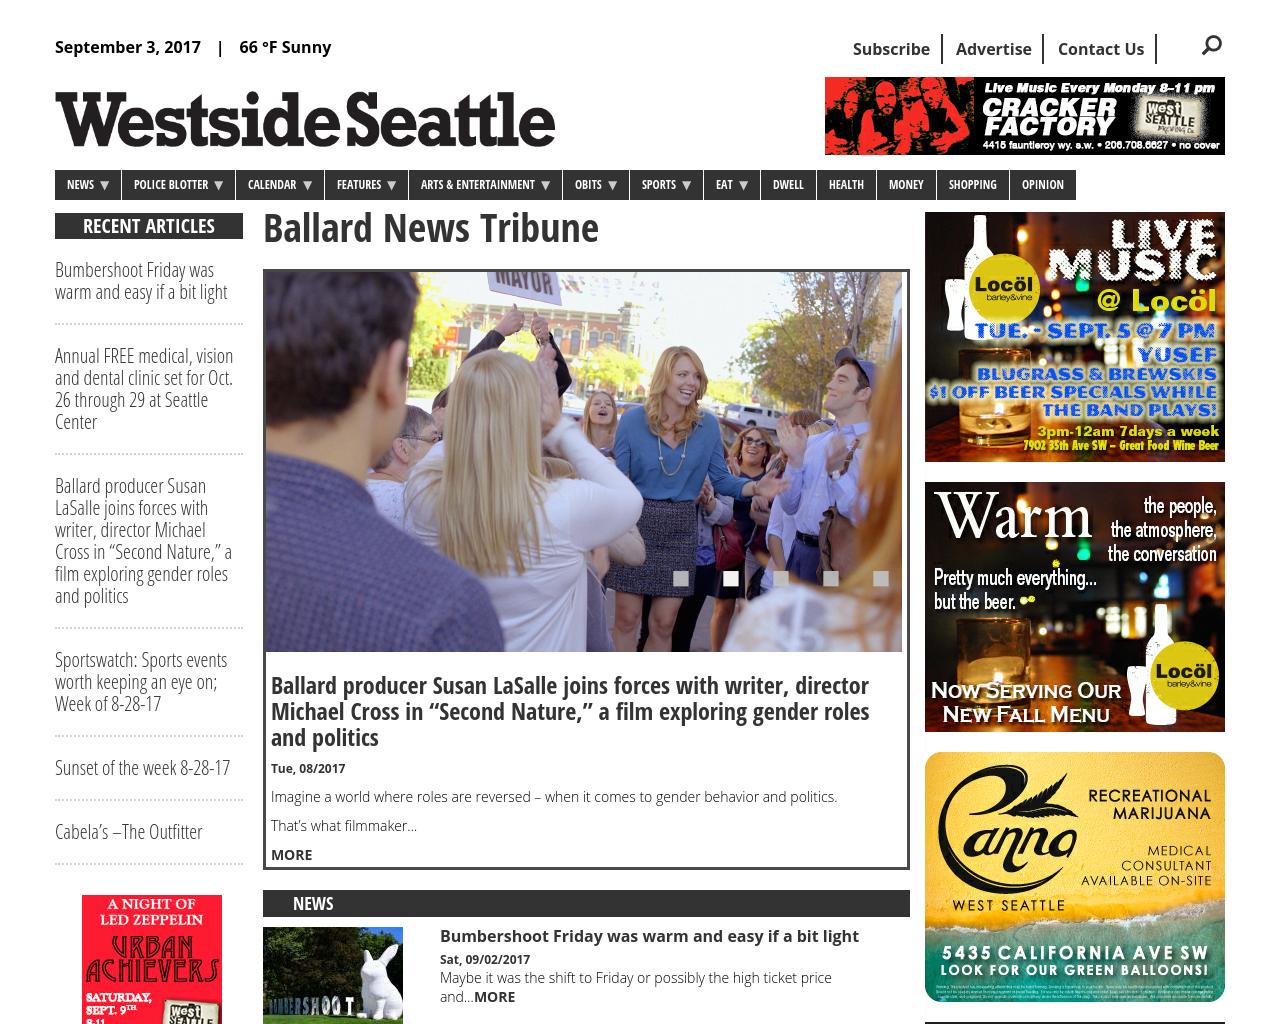 Ballard-News-Tribune-Advertising-Reviews-Pricing